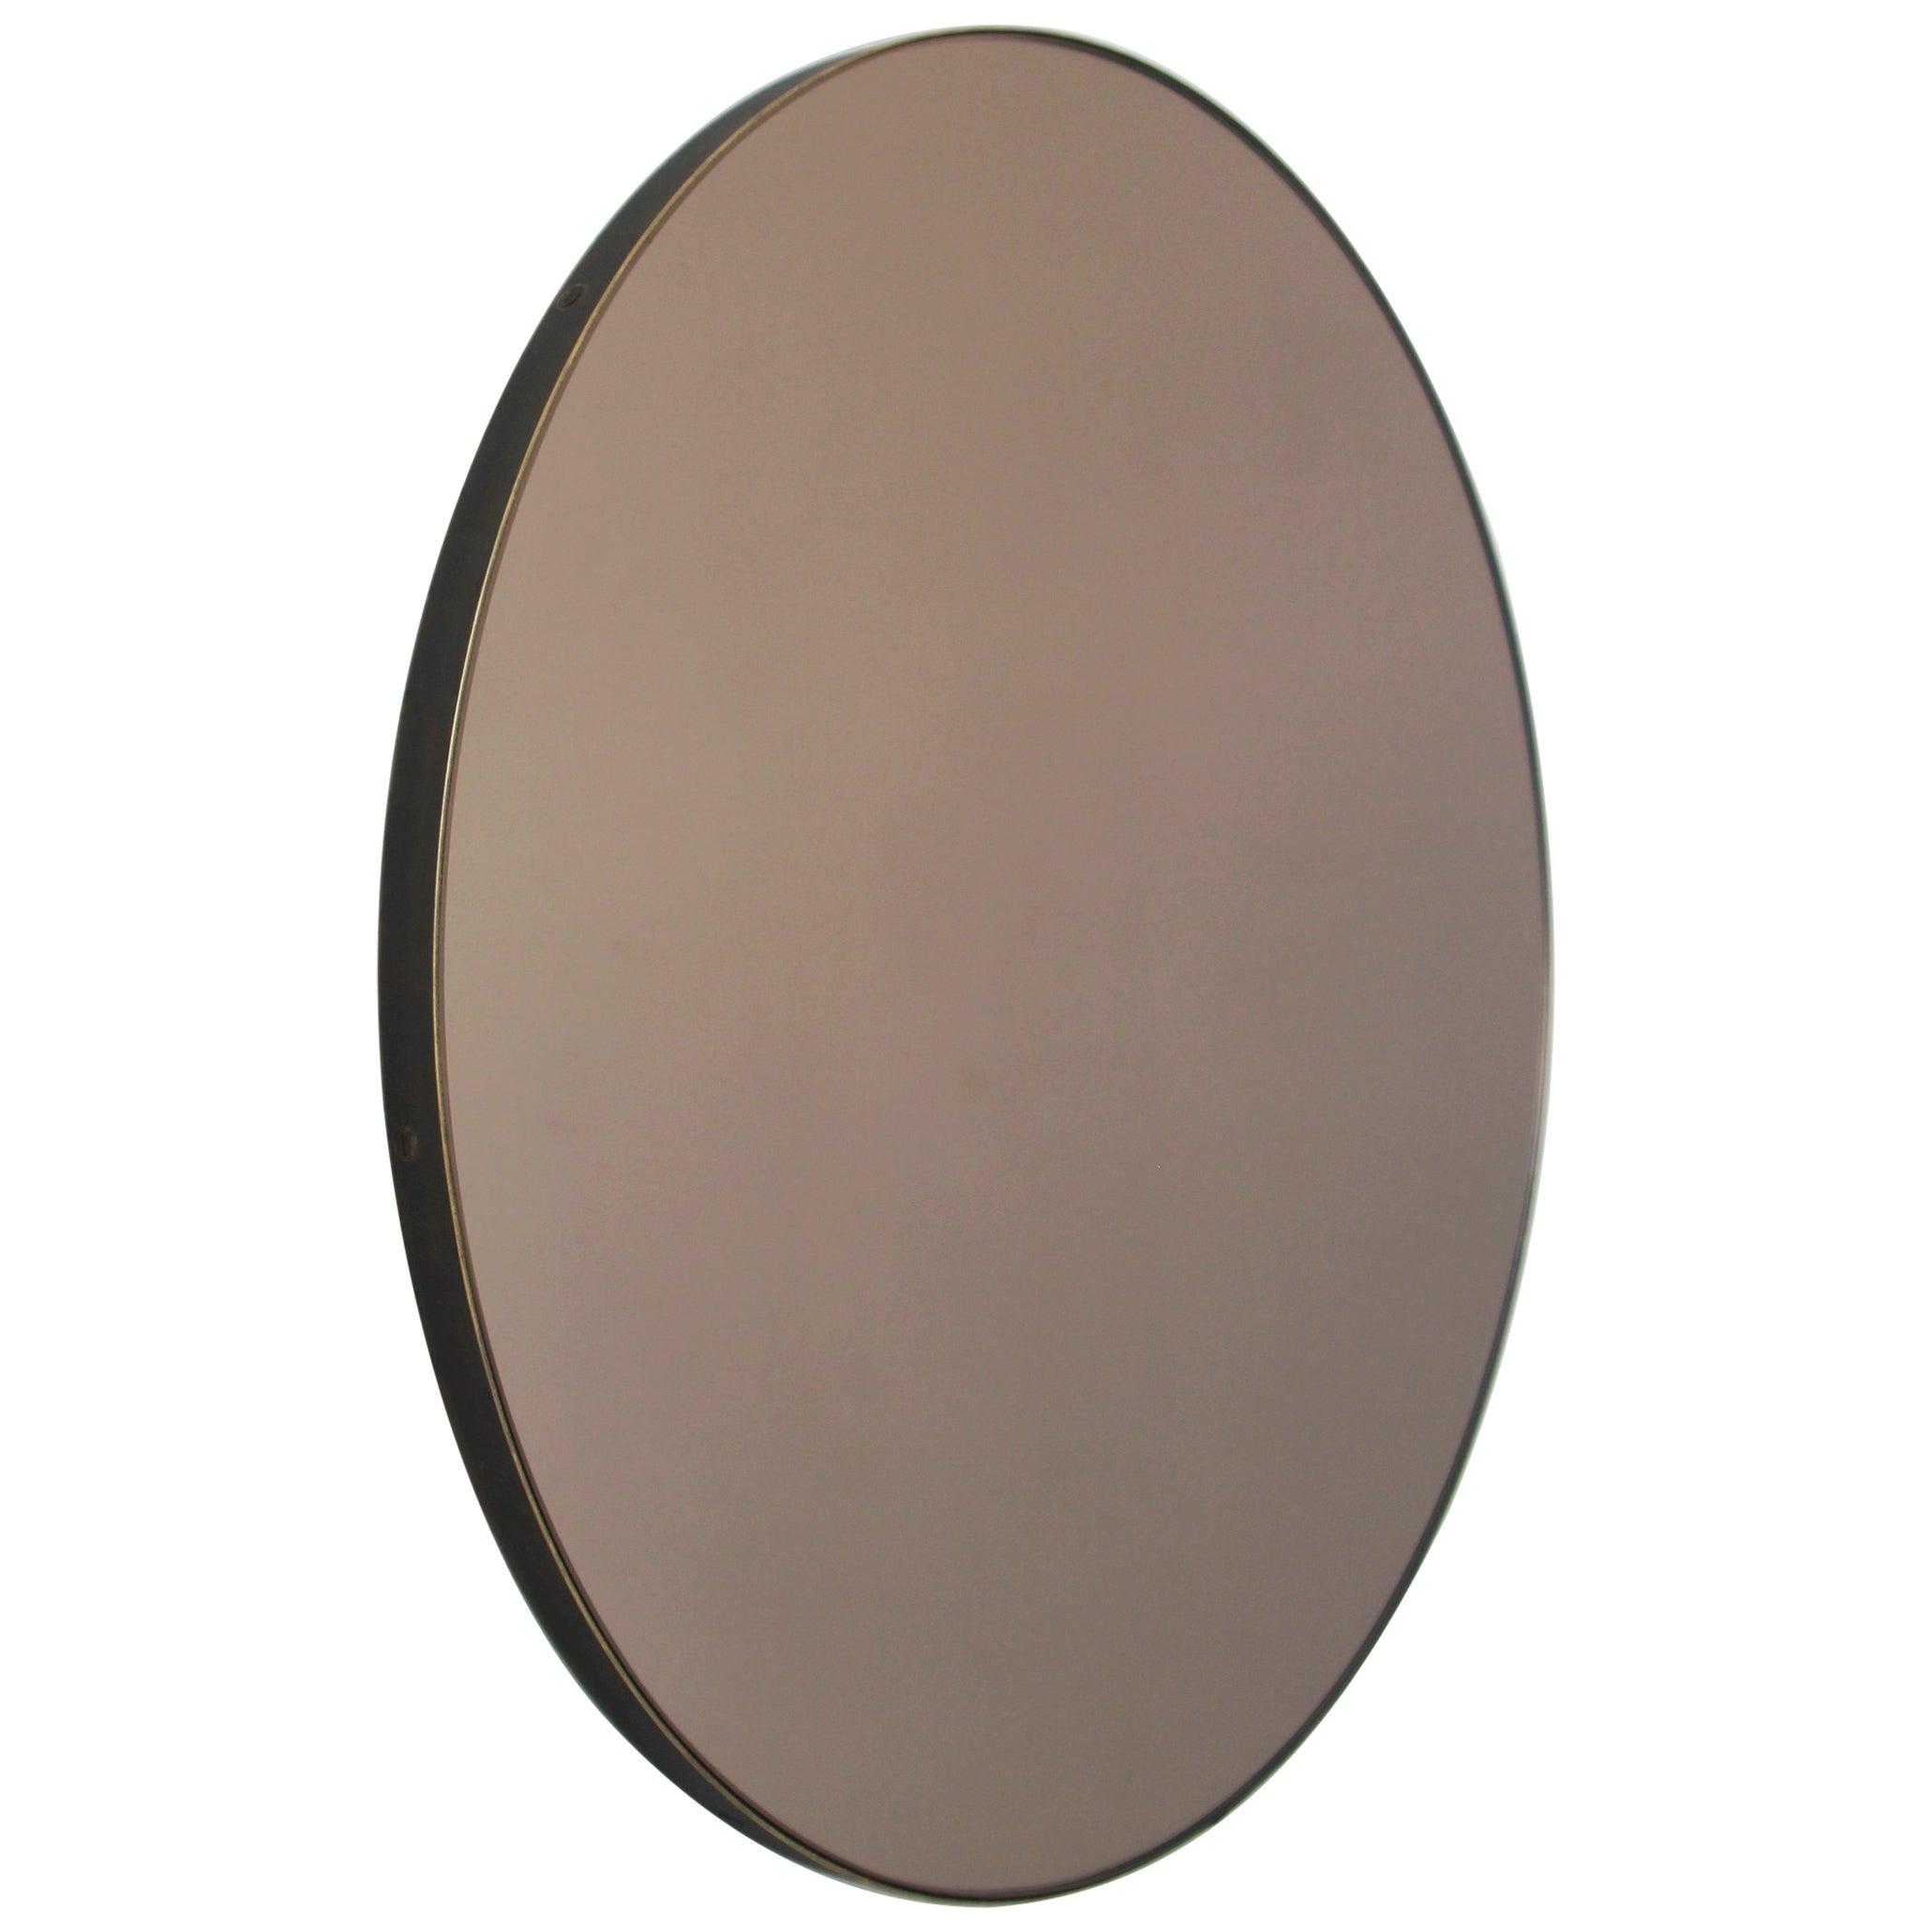 Orbis™ Bronze Tinted Round Modern Mirror with Bronze Patina Frame - Medium